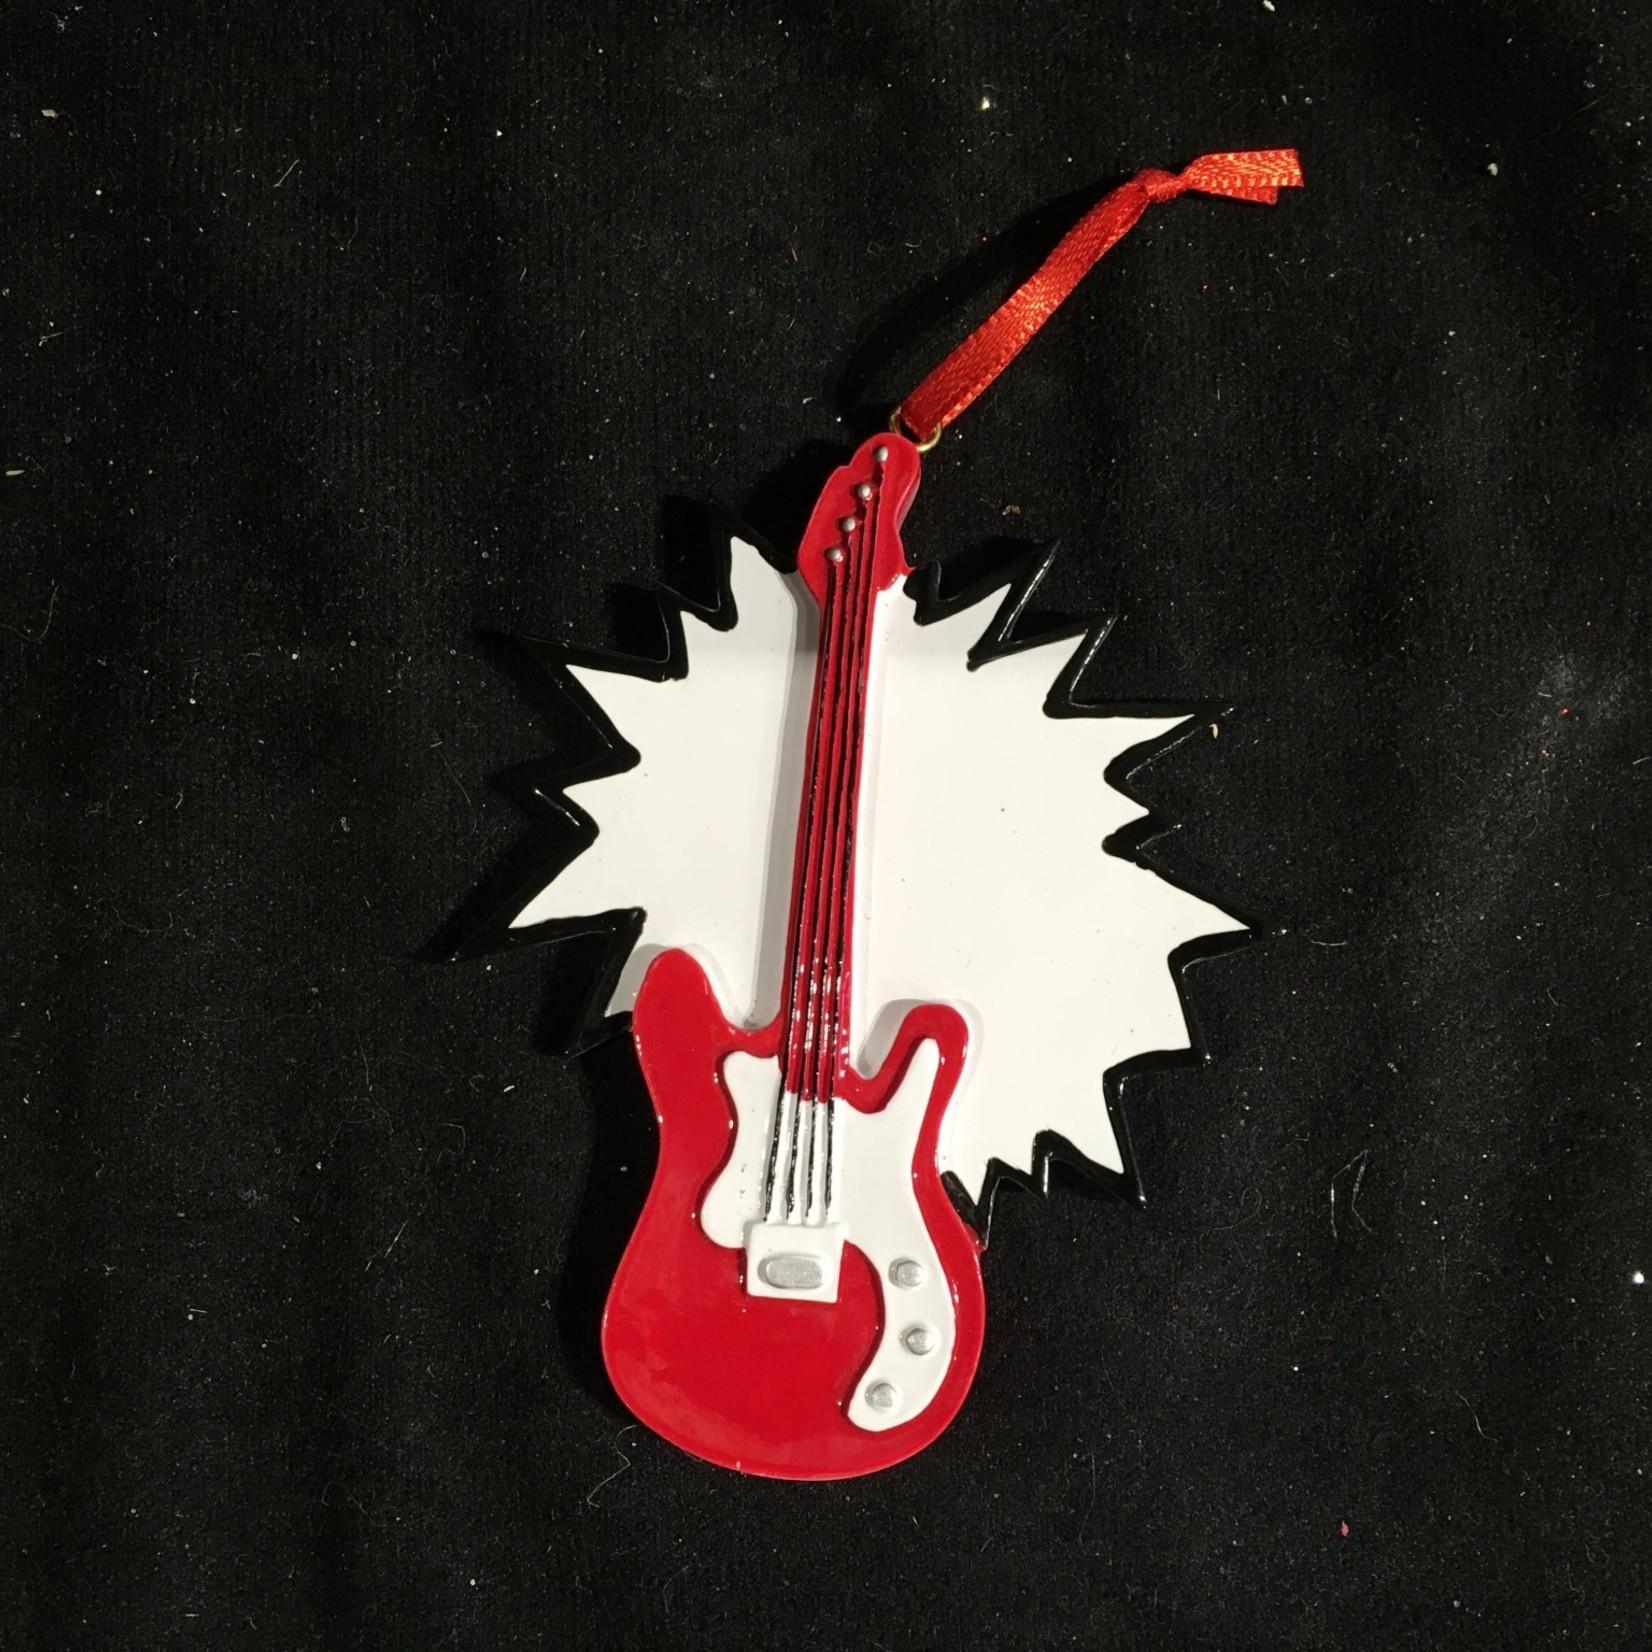 **Red Guitar